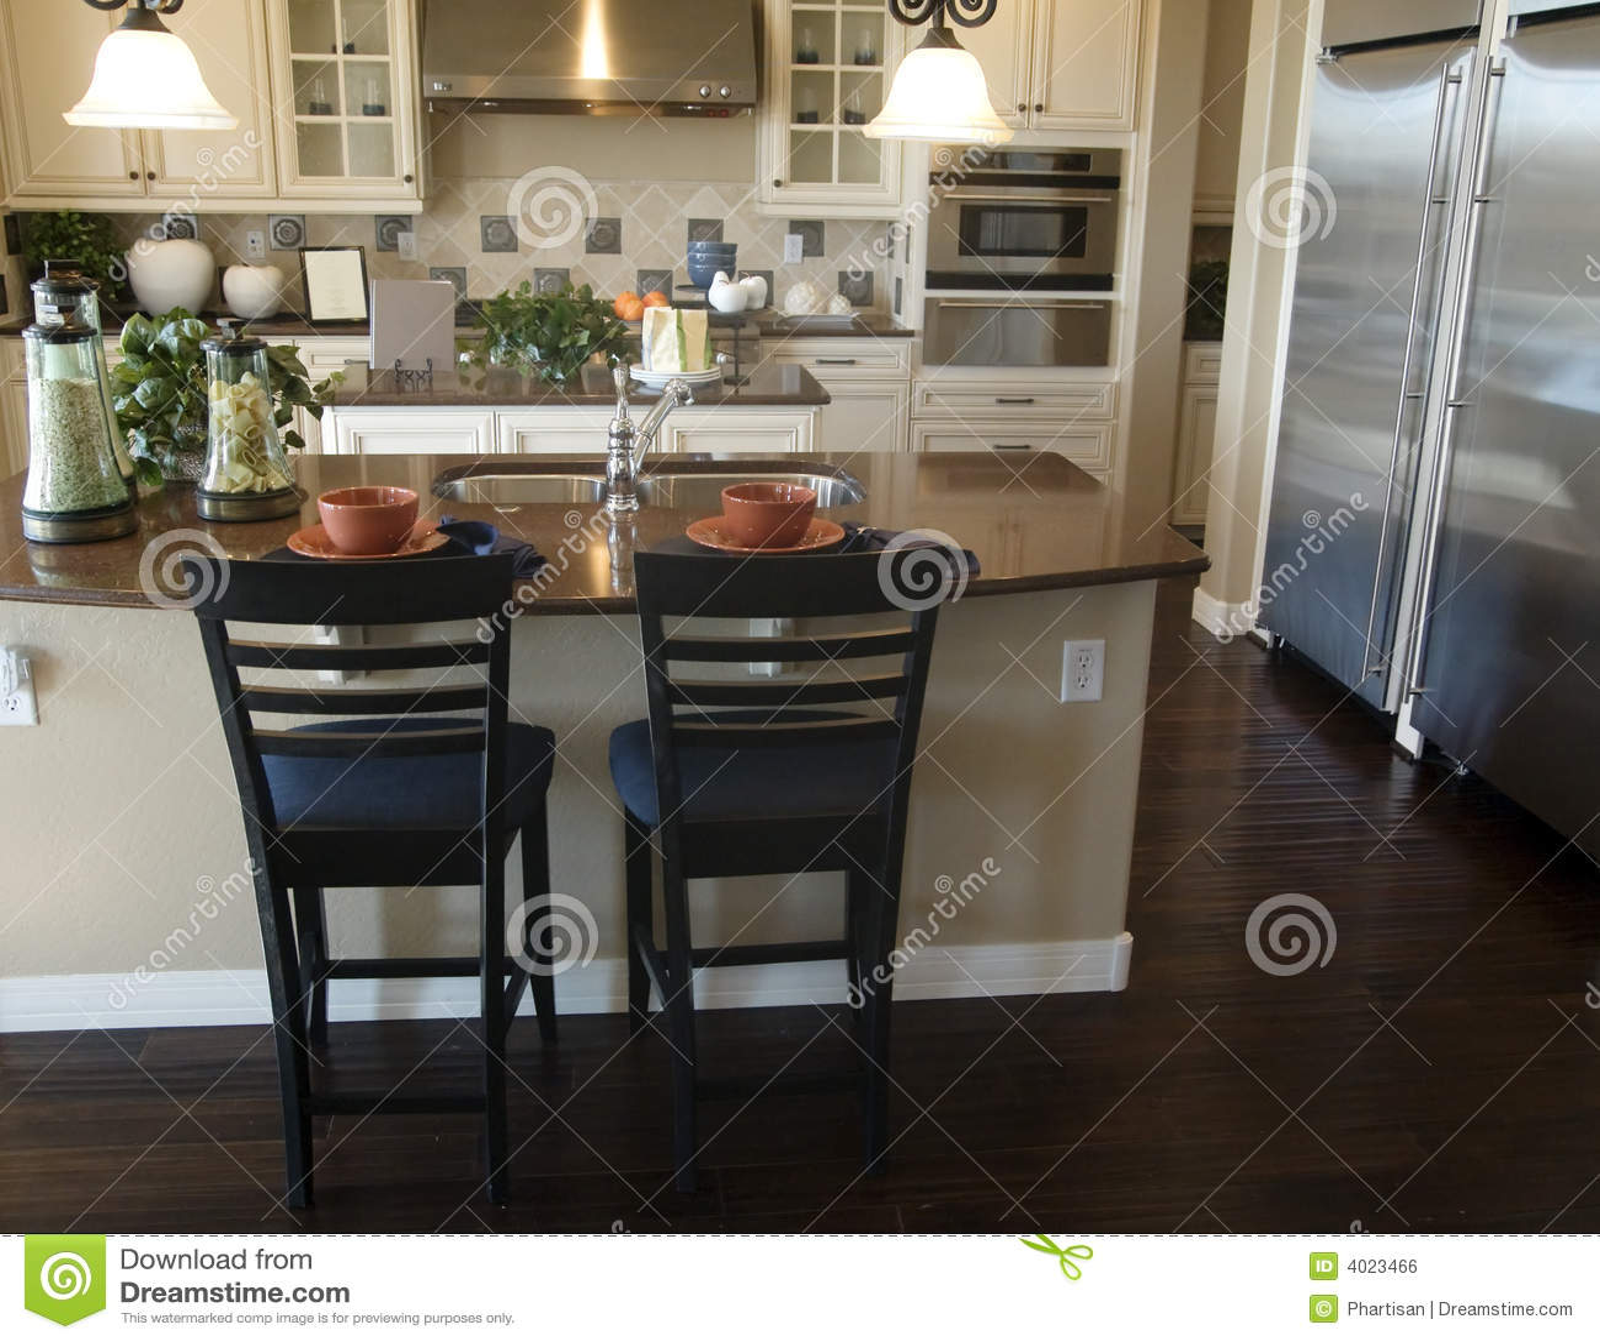 Dise o interior de la cocina moderna foto de archivo for Diseno de interiores de cocinas pequenas modernas